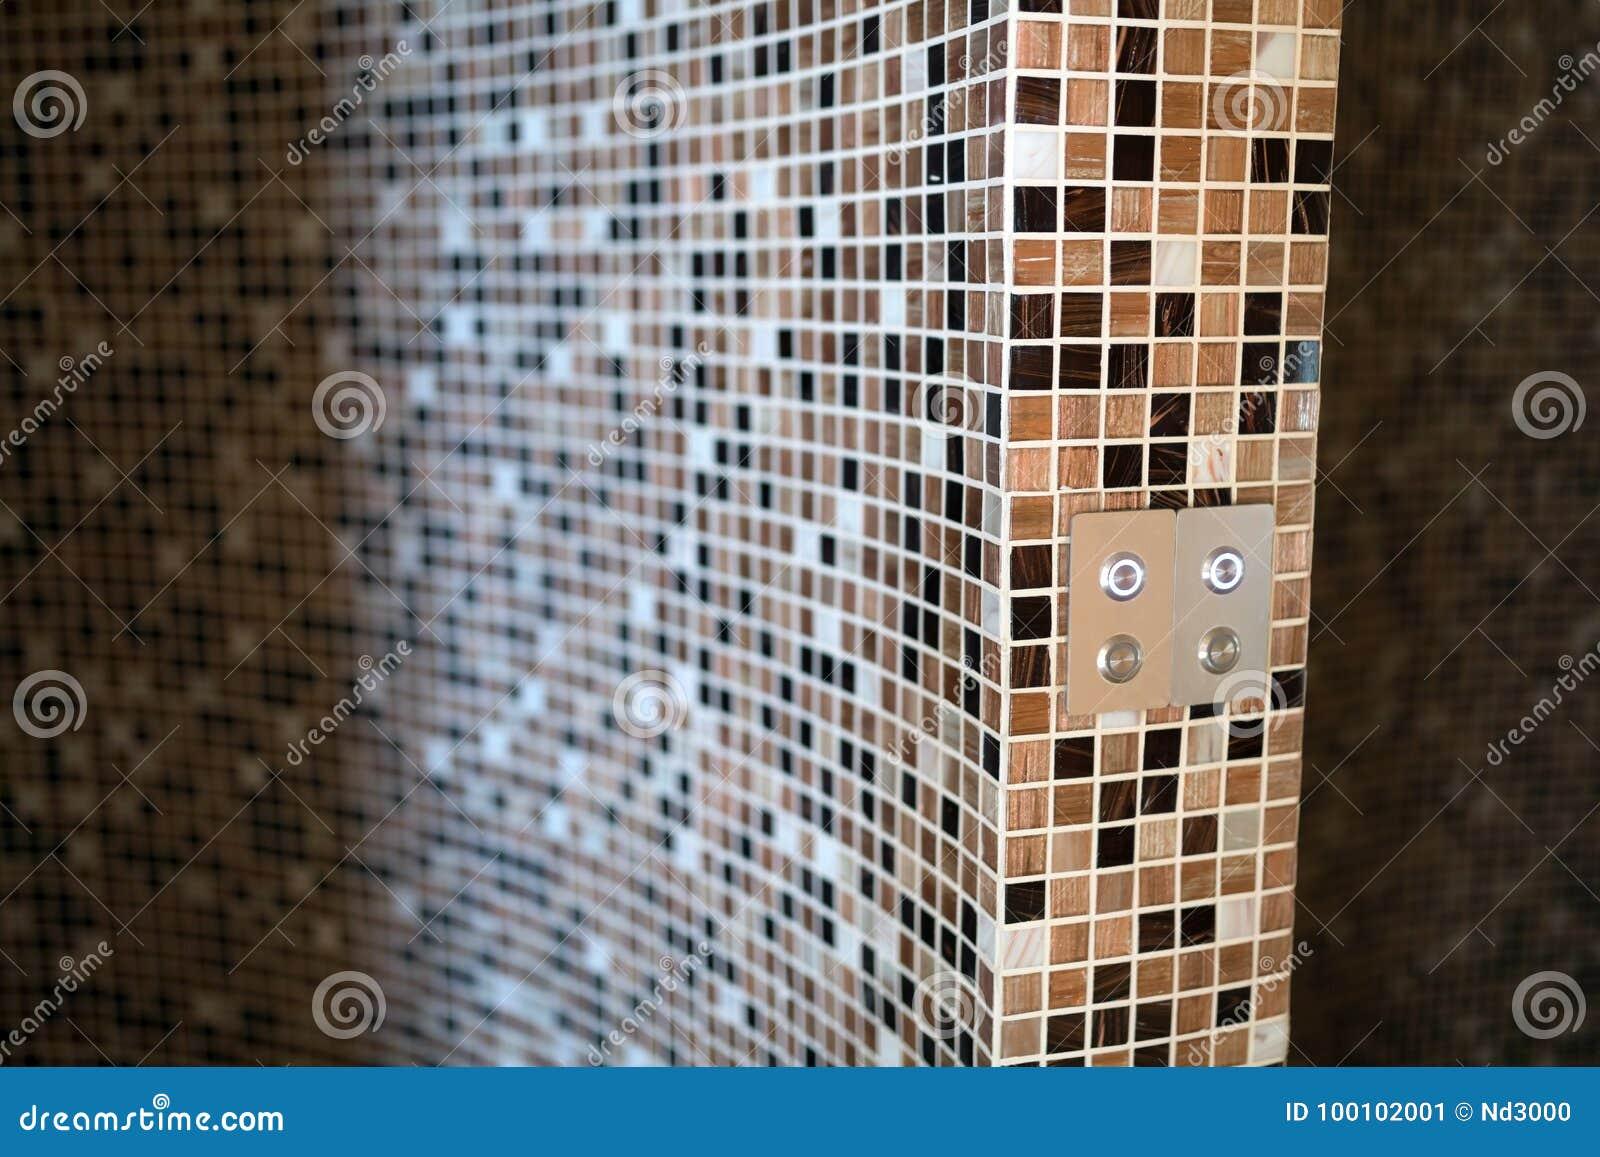 Modernes Dampfbad Mit Mosaikfliesen Stockbild - Bild von badezimmer ...